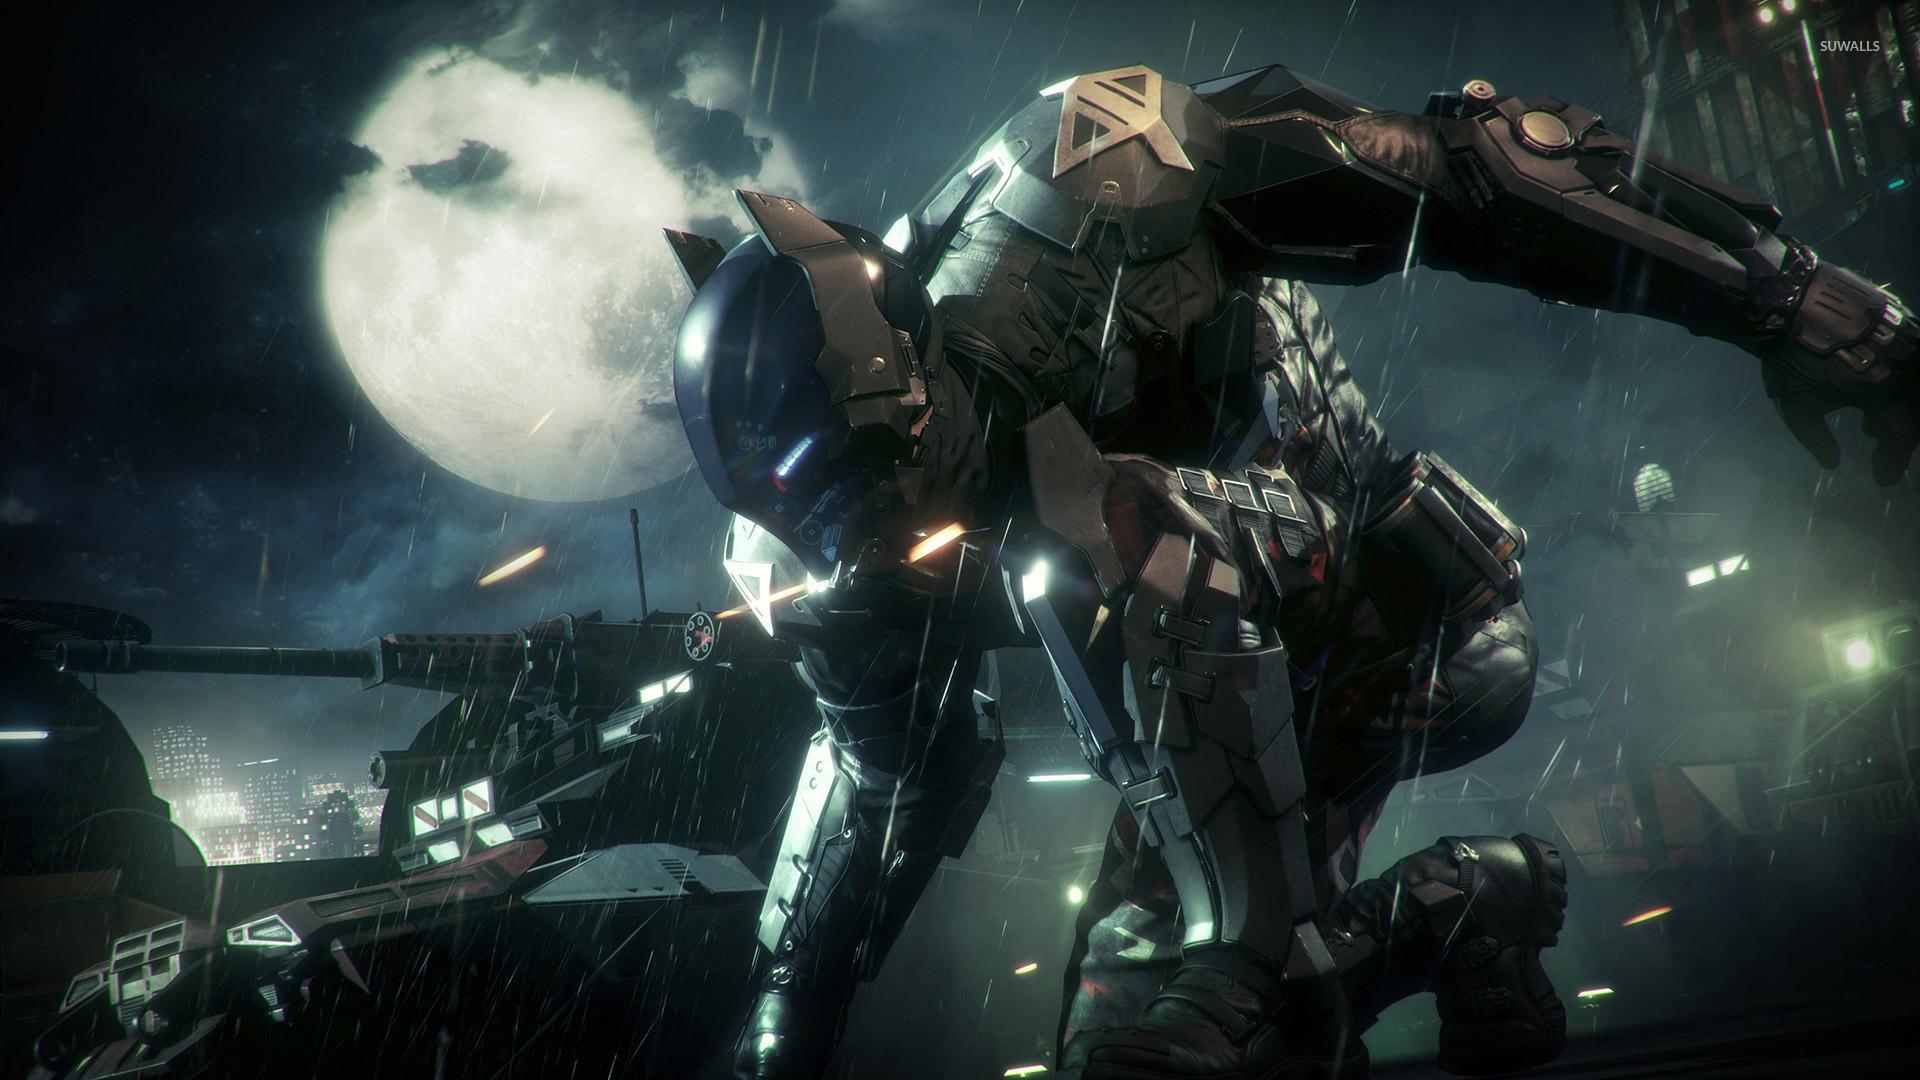 Batman: Arkham Origins [12] wallpaper – Game wallpapers – #31171